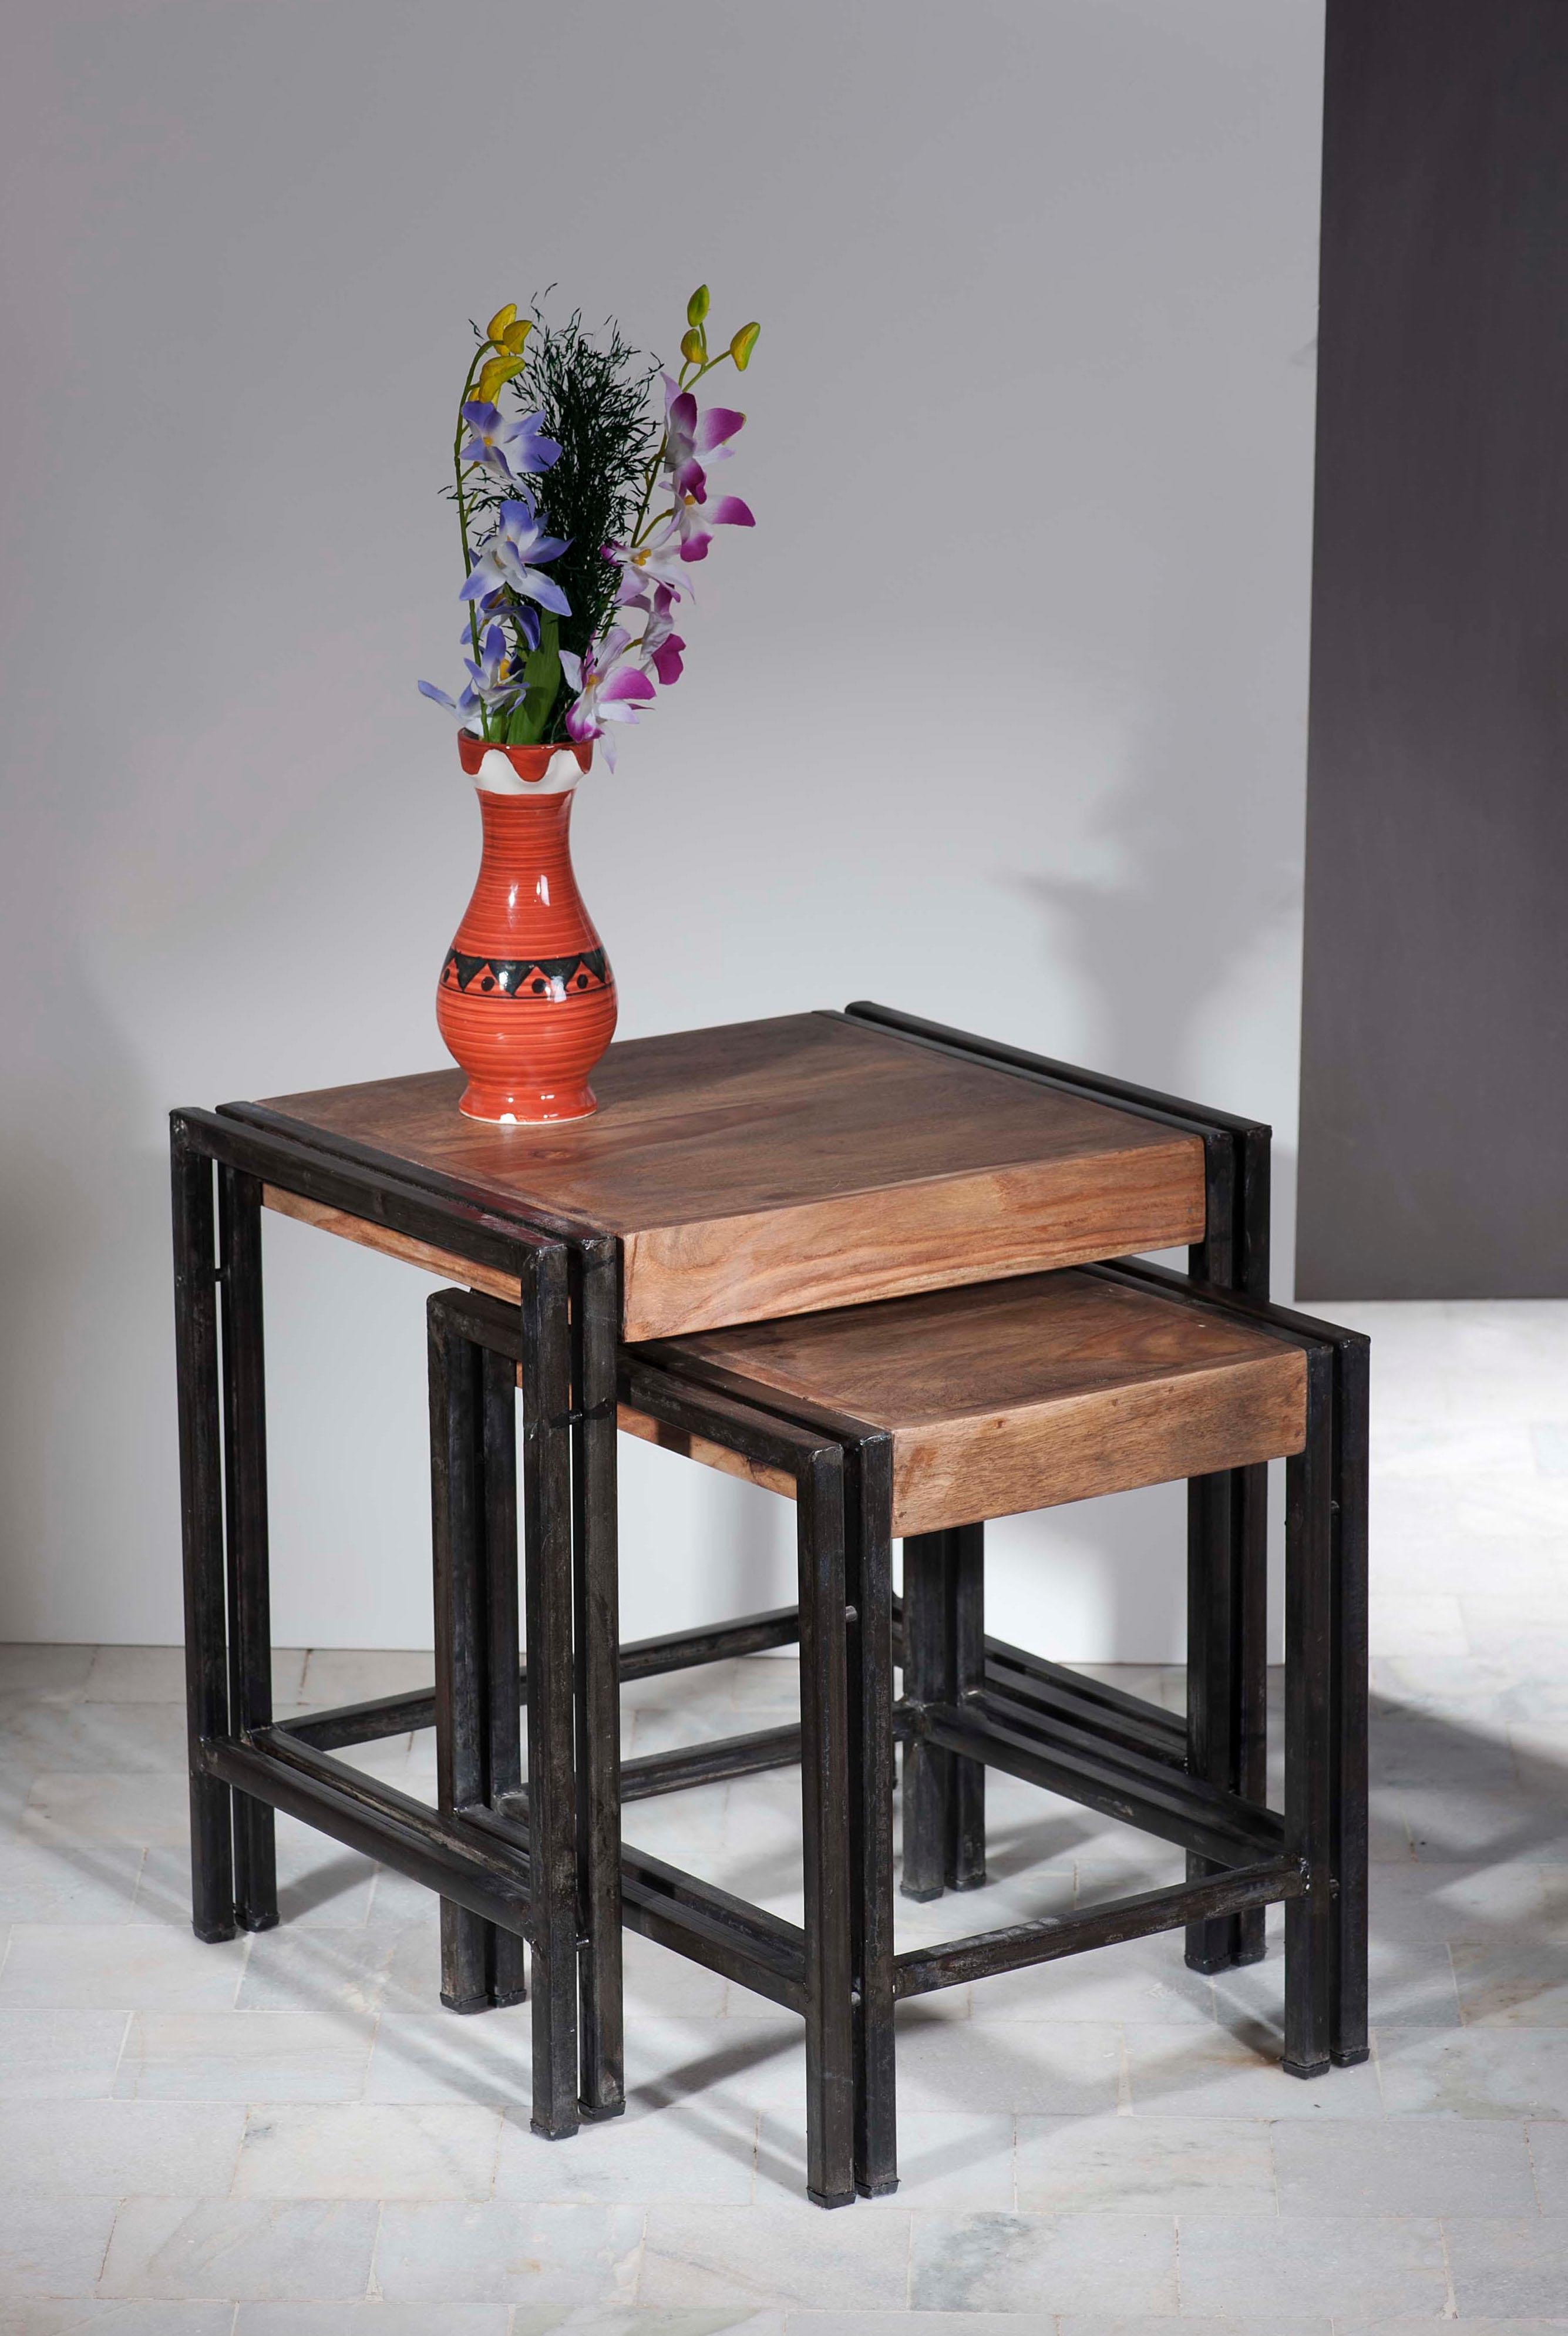 SIT Beistelltisch Panama (2er-Set) Wohnen/Möbel/Tische/Holztische/Holz-Beistelltische